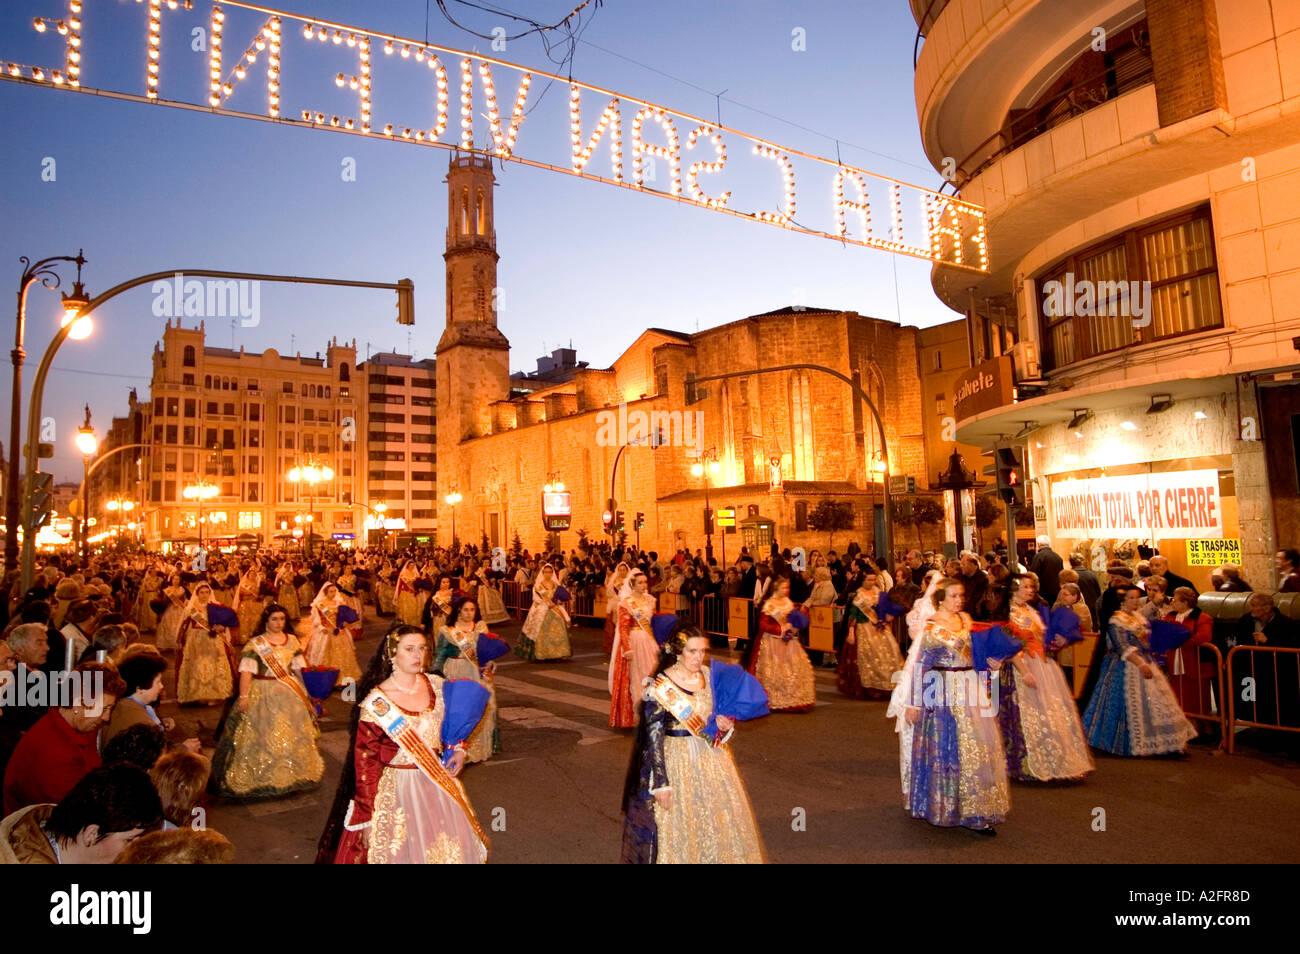 Le donne e i bambini a Las Fallas FIESTA PROCESSIONE IN VALENCIA. Spagna Immagini Stock